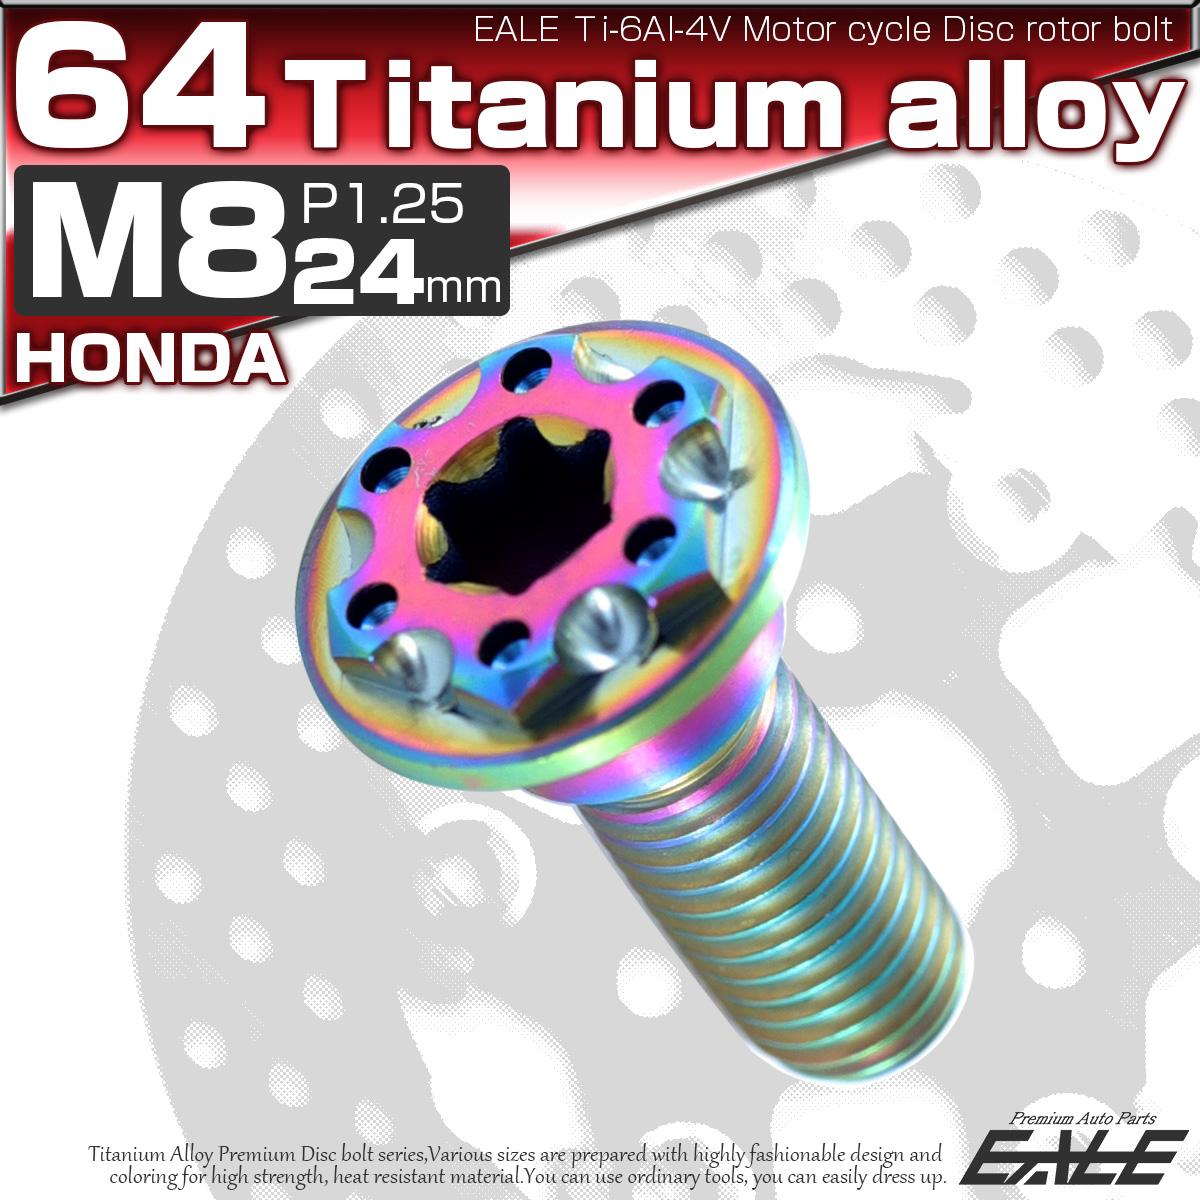 64チタン合金 ローターボルト ホンダ車用 M8×24mm P1.25 トルクス T40 焼き色 バイク JA225